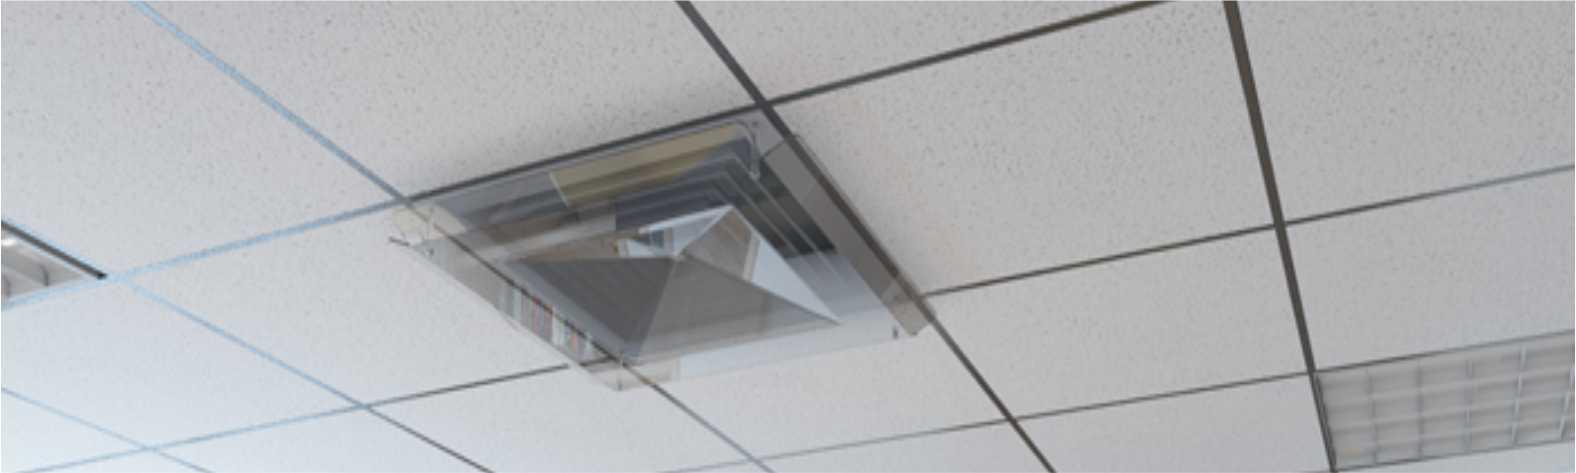 menfez klima aparatı, kaset tipi klima aparatı,klima hava yönlendirici aparat, klima önü pleksi, klima yönlendirme aparatı, klima hava yönlendirici, klima çarpmasına son, AC Deflector